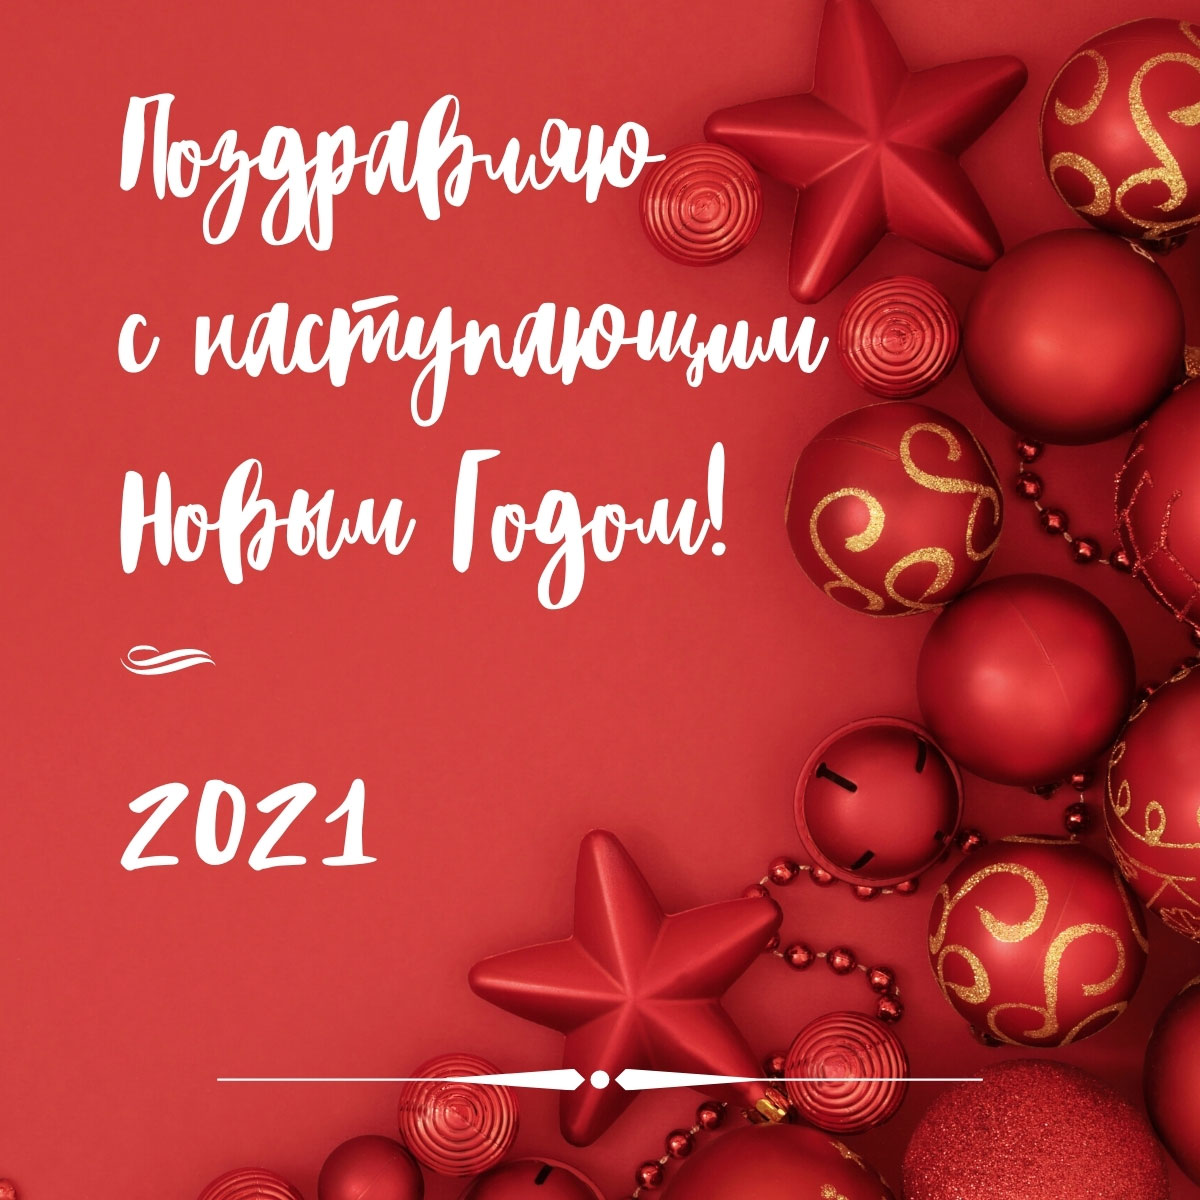 Картинка с текстом поздравления на новый год с ёлочными украшениями на красном фоне.